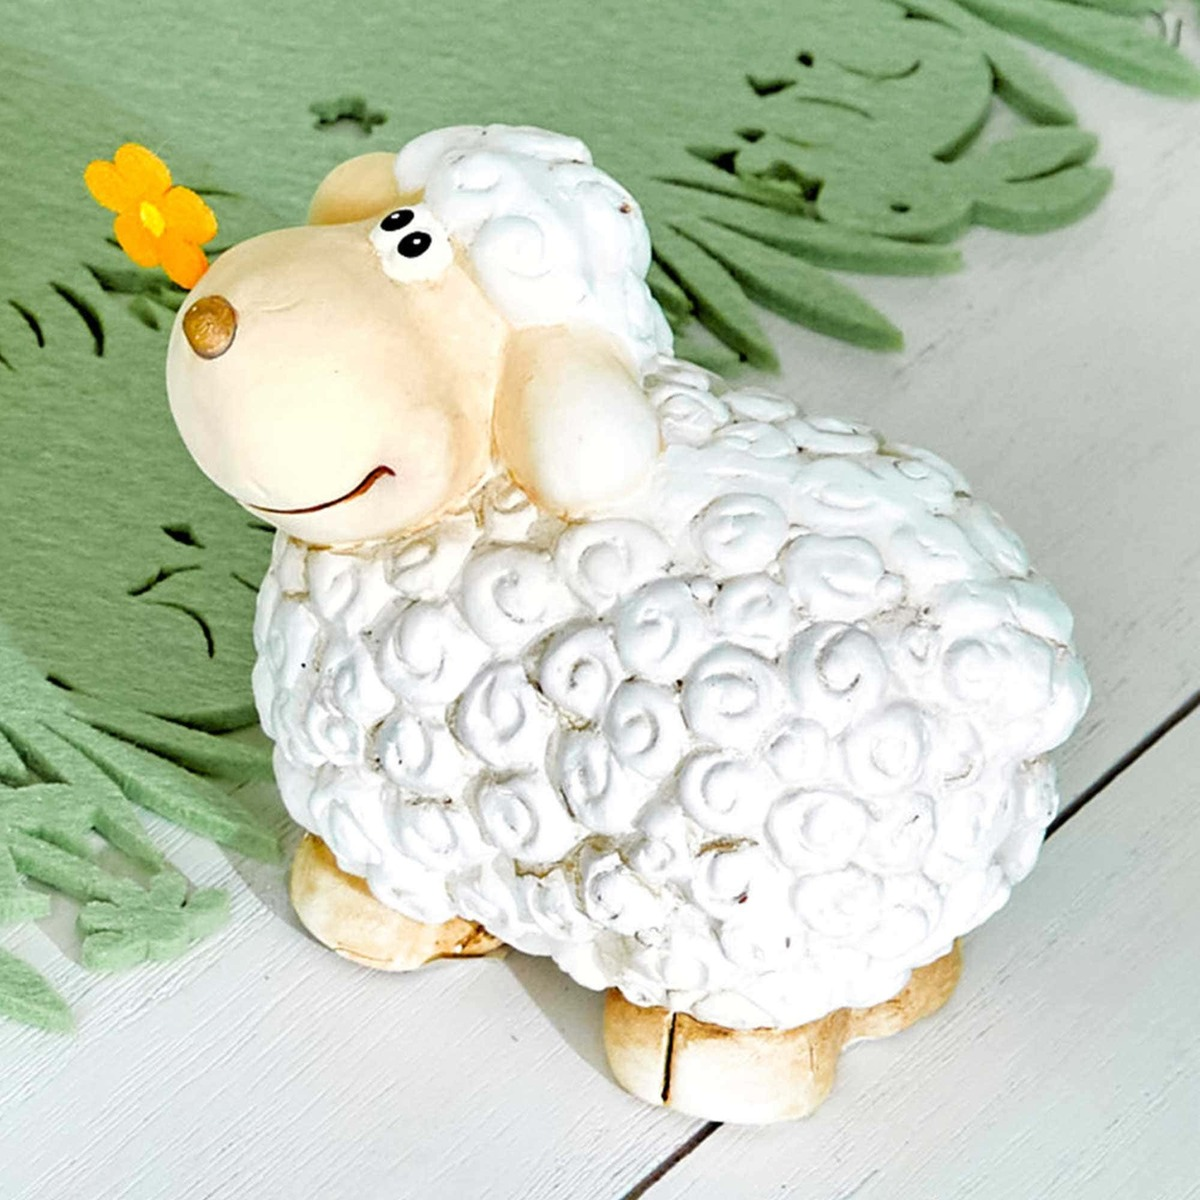 Bild 1 von Deko-Schaf mit Blümchen im Mund, ca. 11x7x10cm